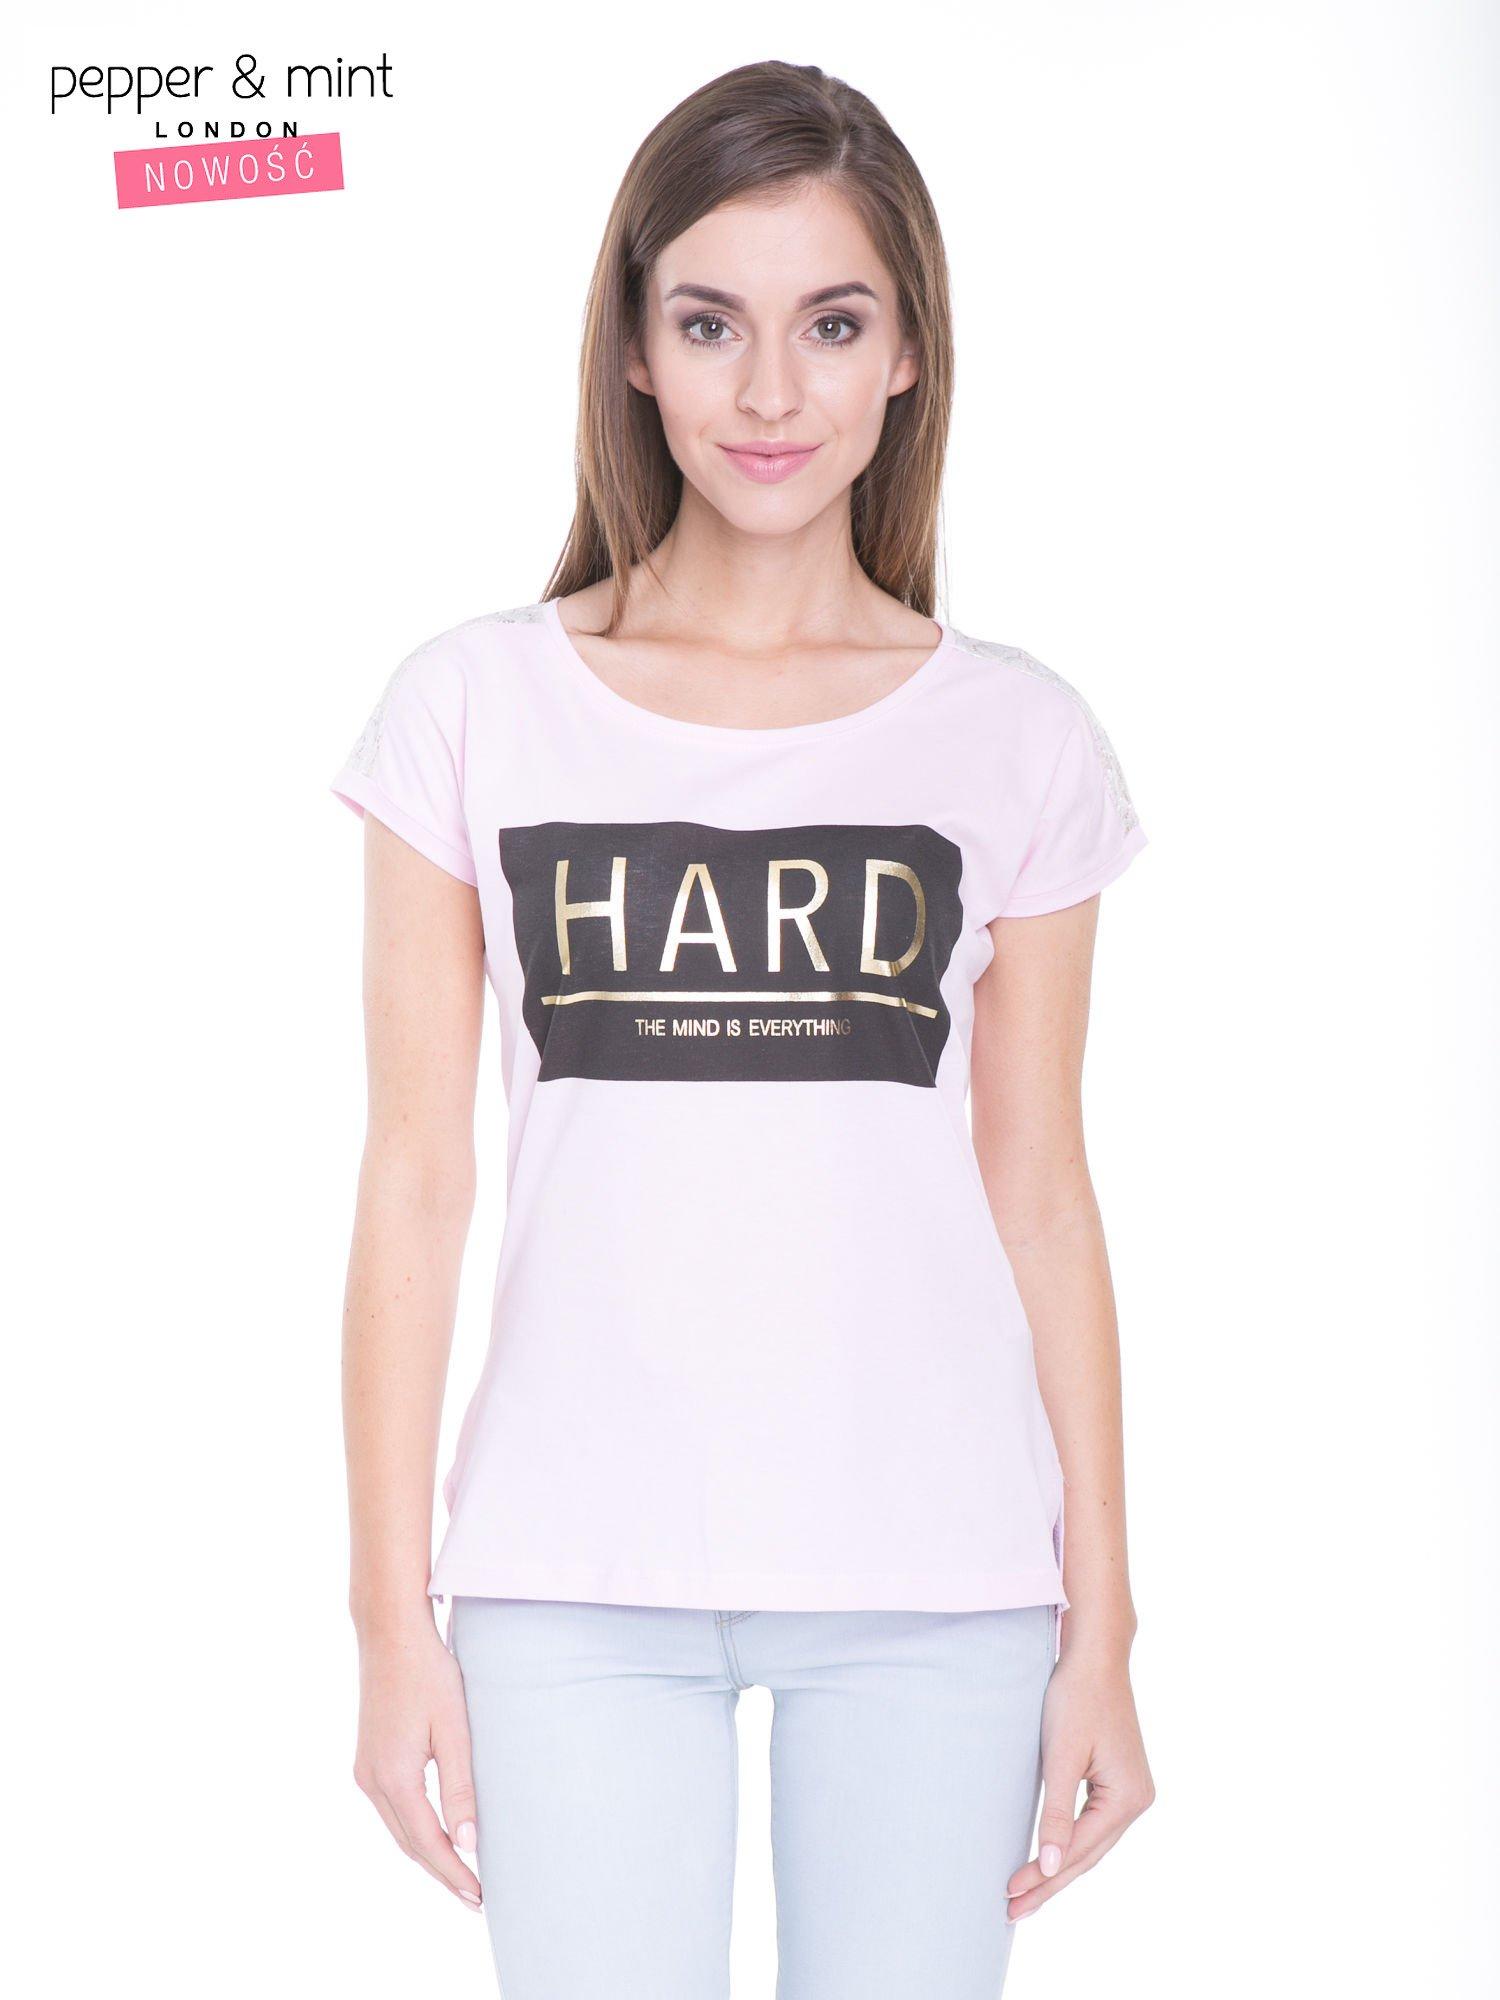 Liliowy t-shirt z metalicznym nadrukiem HARD i koronkową wstawką z tyłu                                  zdj.                                  1